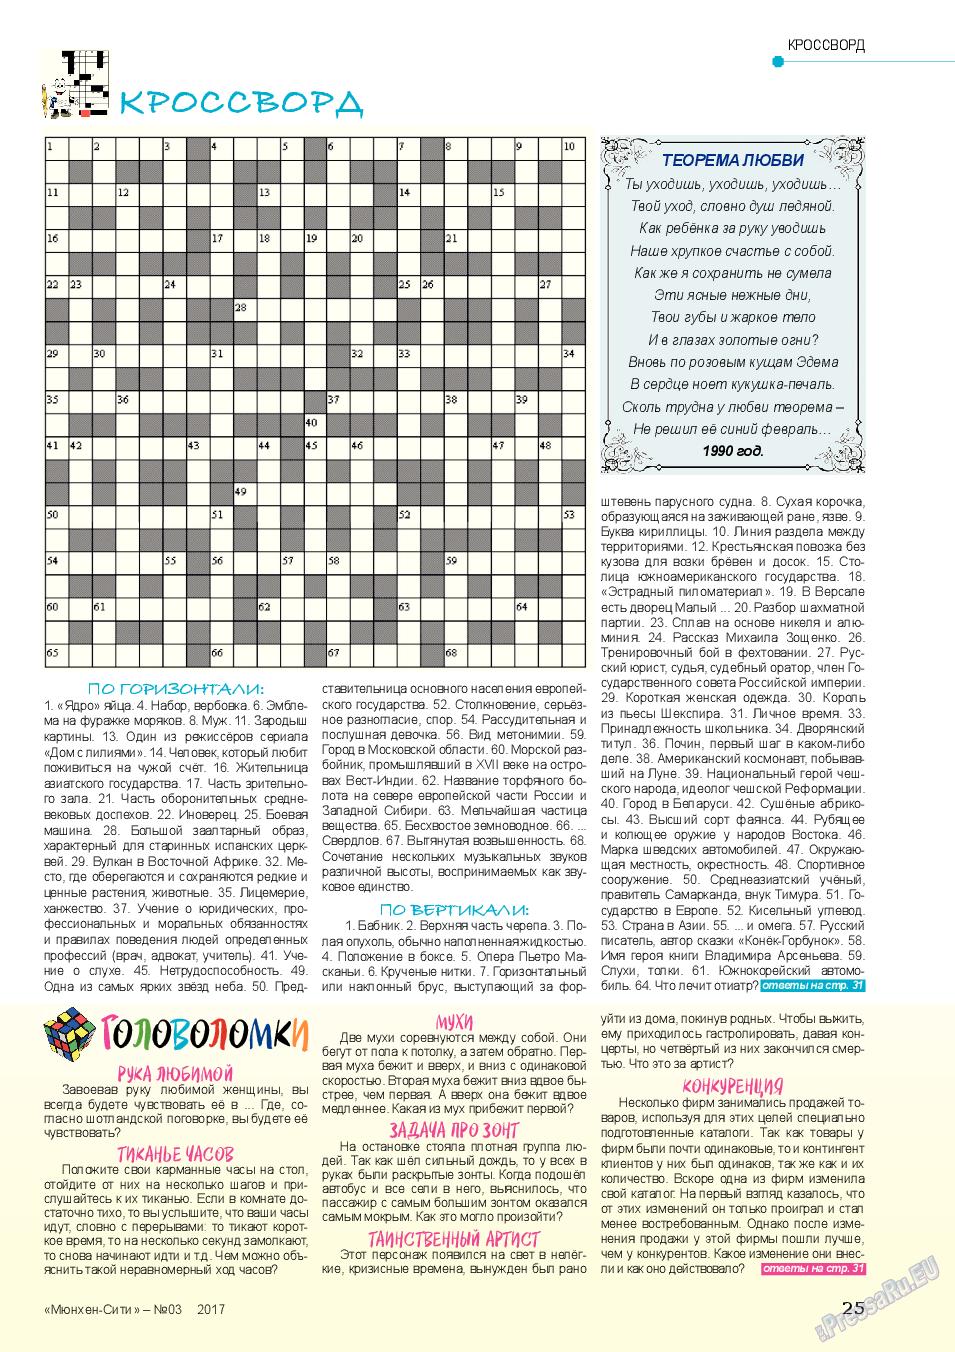 Мюнхен-сити (журнал). 2017 год, номер 3, стр. 25